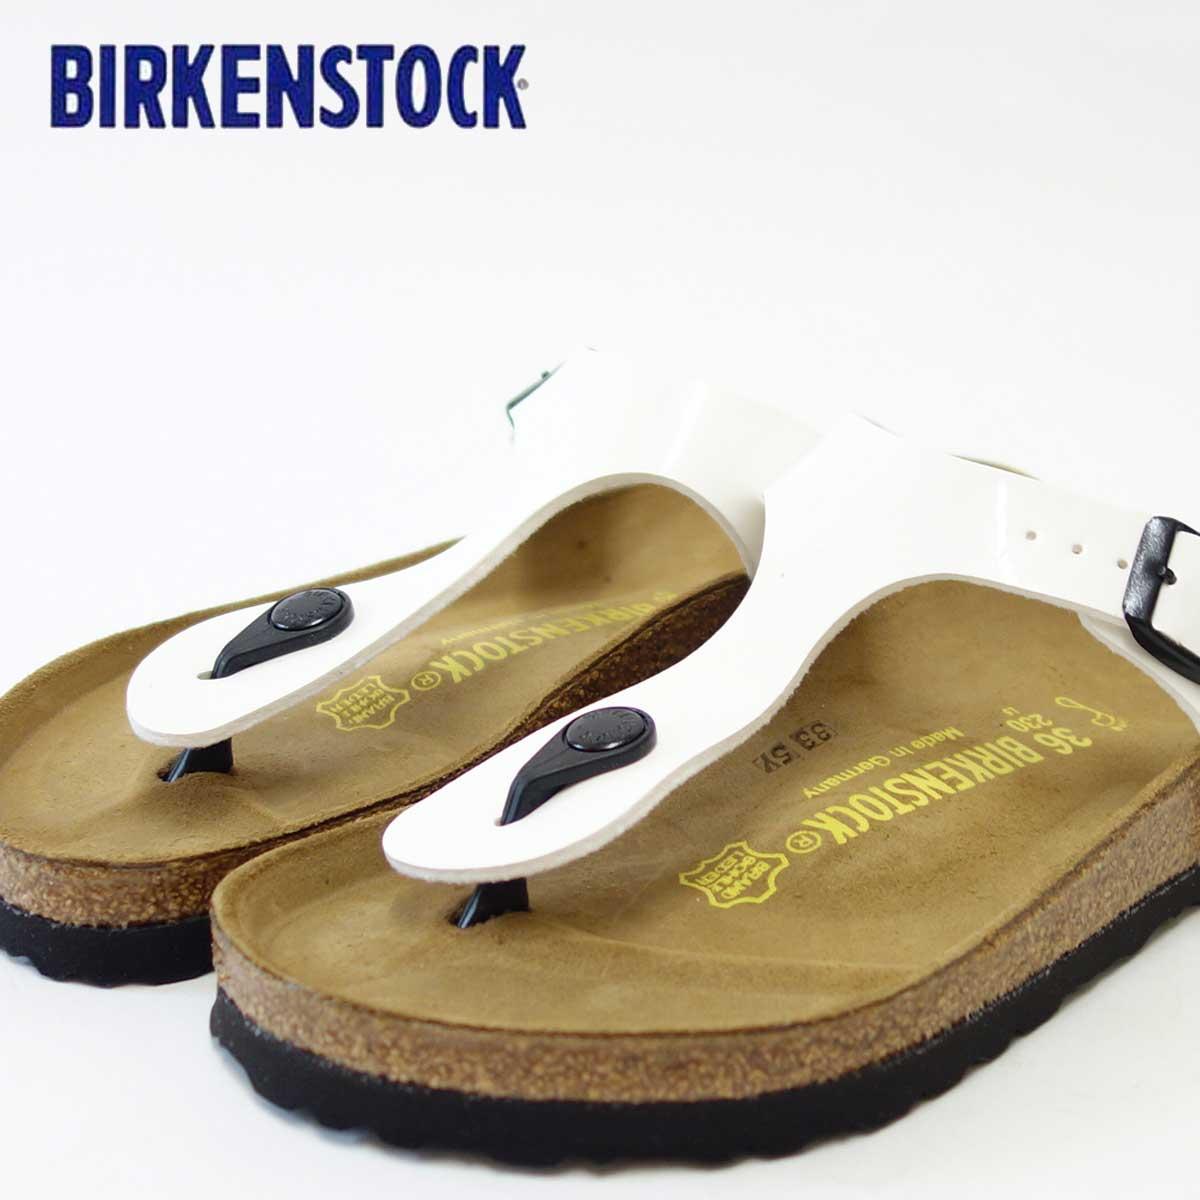 BIRKENSTOCK(ビルケンシュトック) GIZEH(ギゼ)レディース 543761(ビルコフロー/ホワイトパテント)ドイツ生まれの快適サンダル「靴」